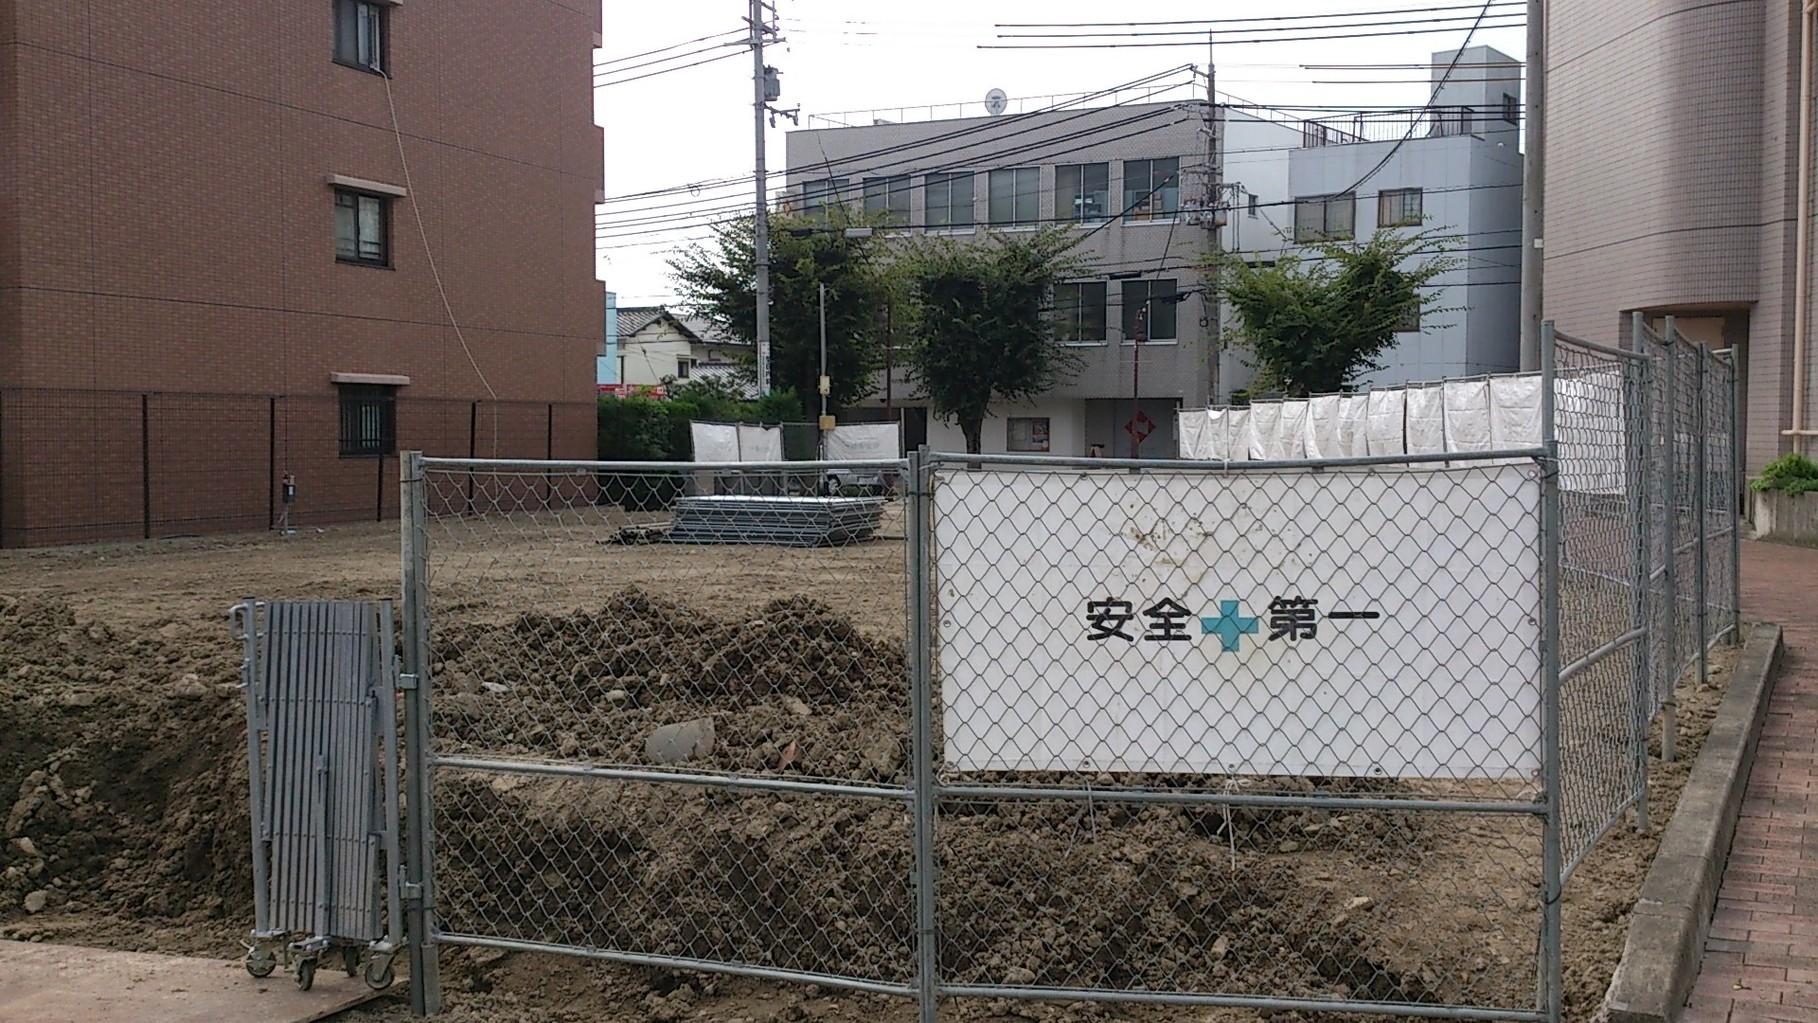 14/9/3 北側の駐車スペースを削り始めました